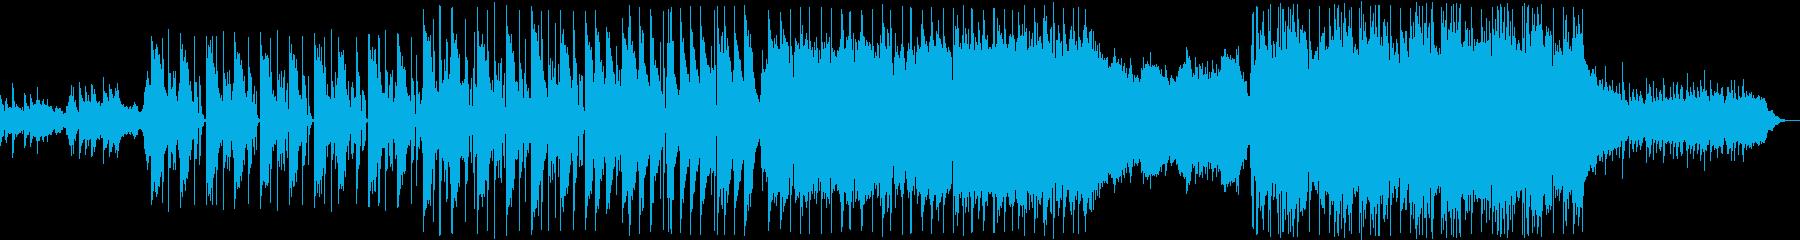 宇宙をイメージした幻想的なエレクトロの再生済みの波形